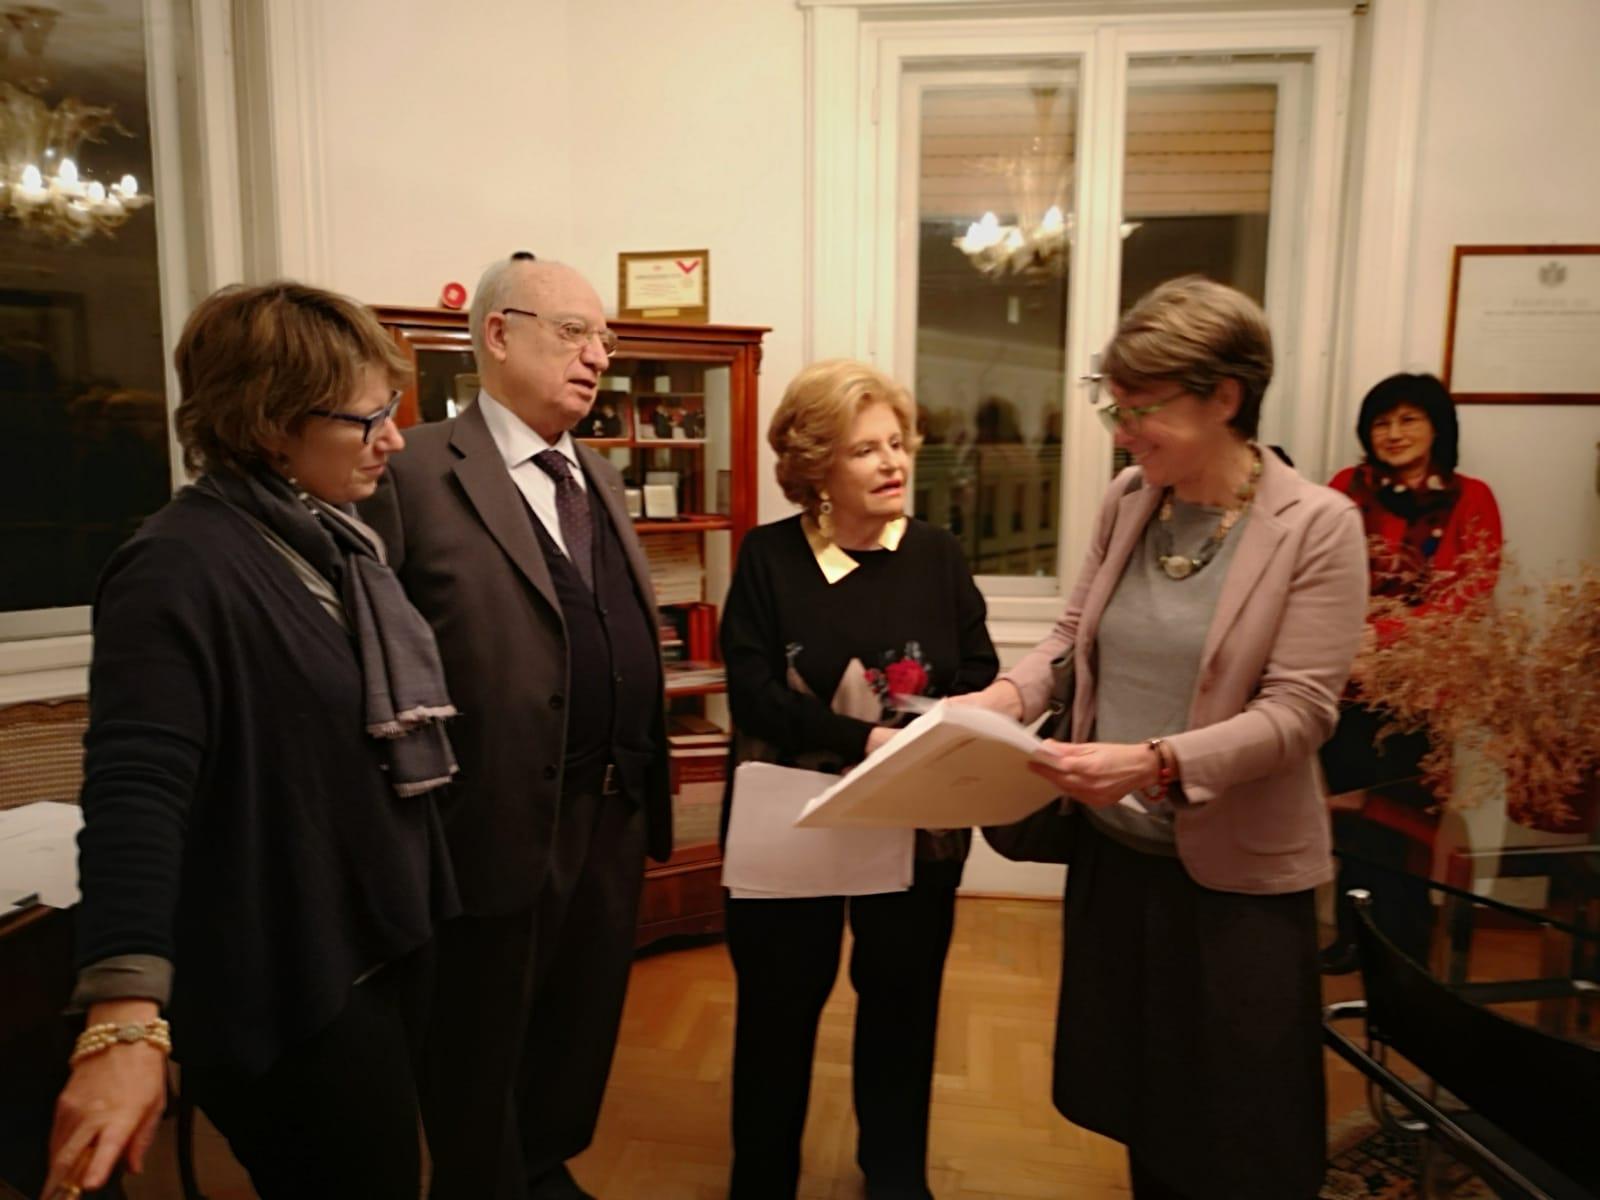 La signora Roberta Petrucco ritira il premio a favore del premiato Rajesh Shahi